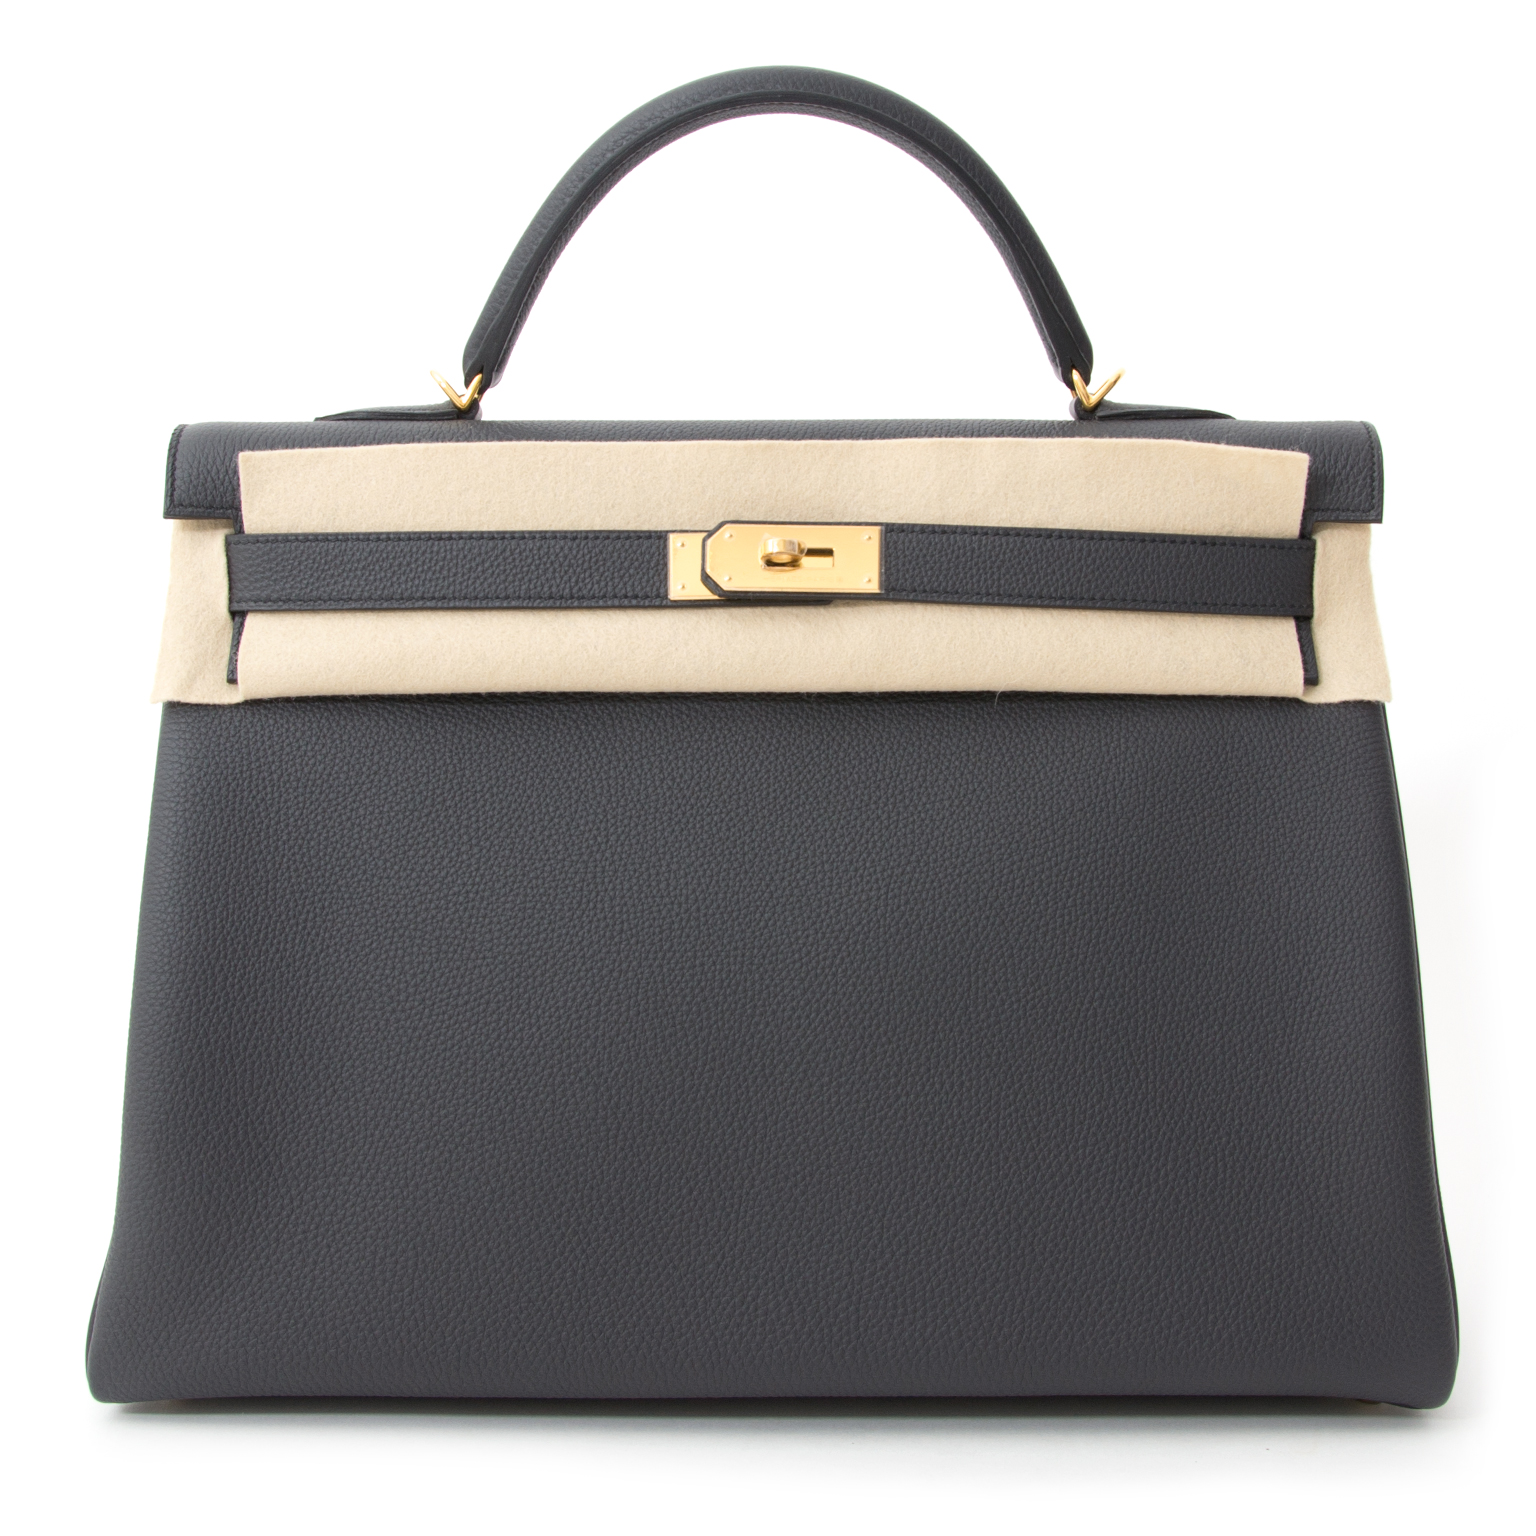 koop veilig online aan de beste prijs Brand New Hermes Kelly Togo Plombe 40